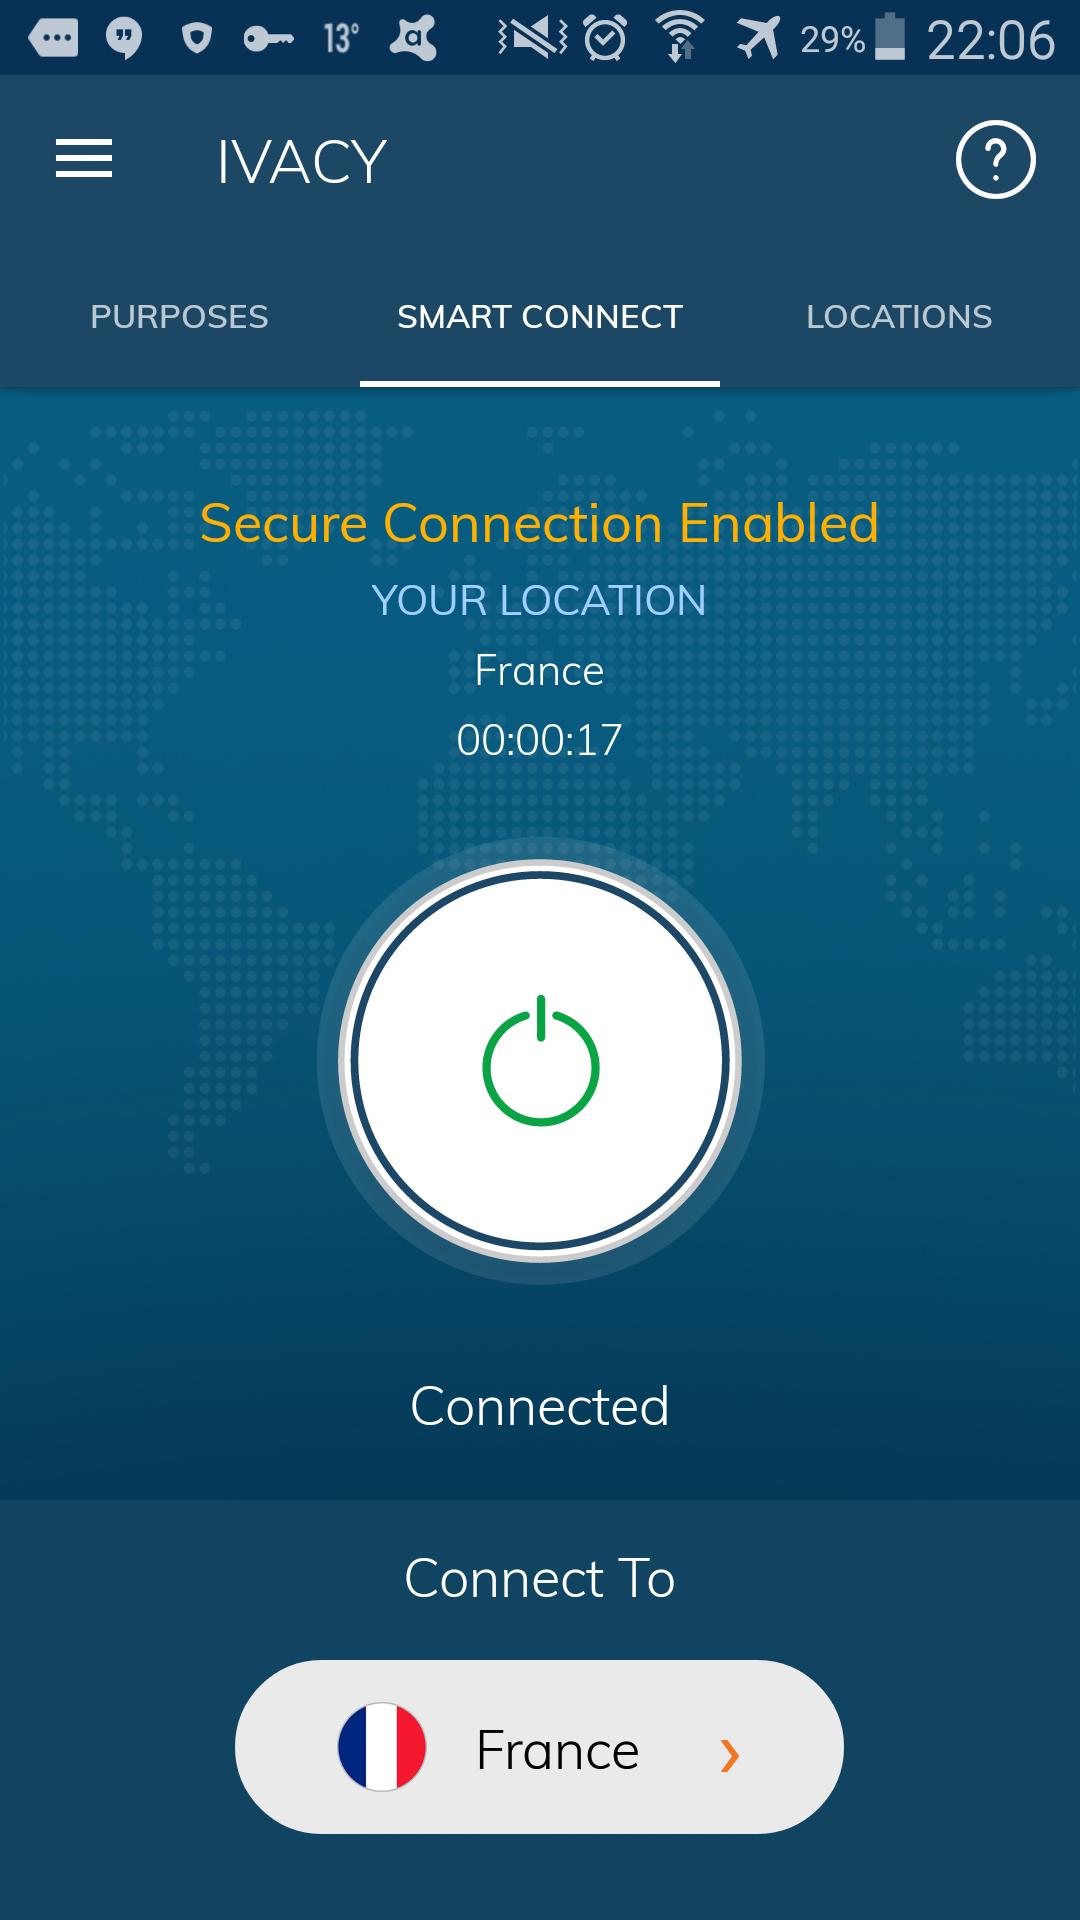 Connexion établie